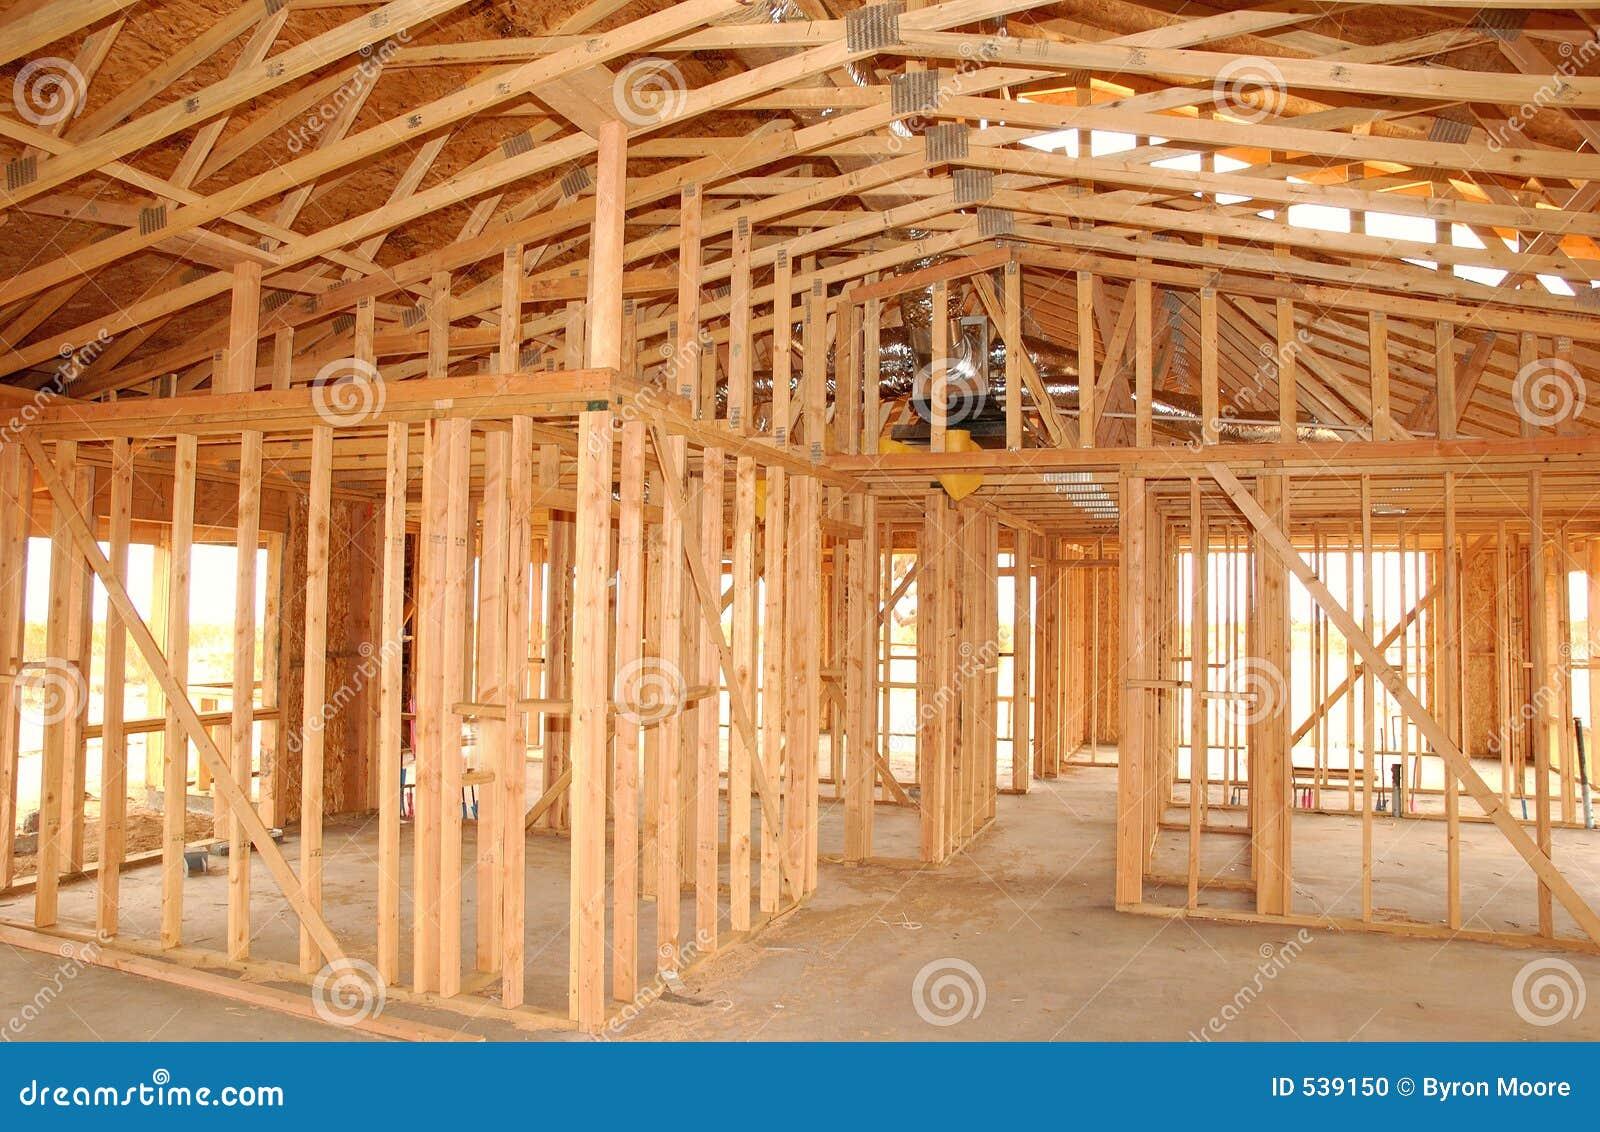 Download 房子 库存照片. 图片 包括有 胶合板, 贷款, 地球, 框架, 郊区, 编译, 重建, 预铸, 停车库, 租赁资产 - 539150